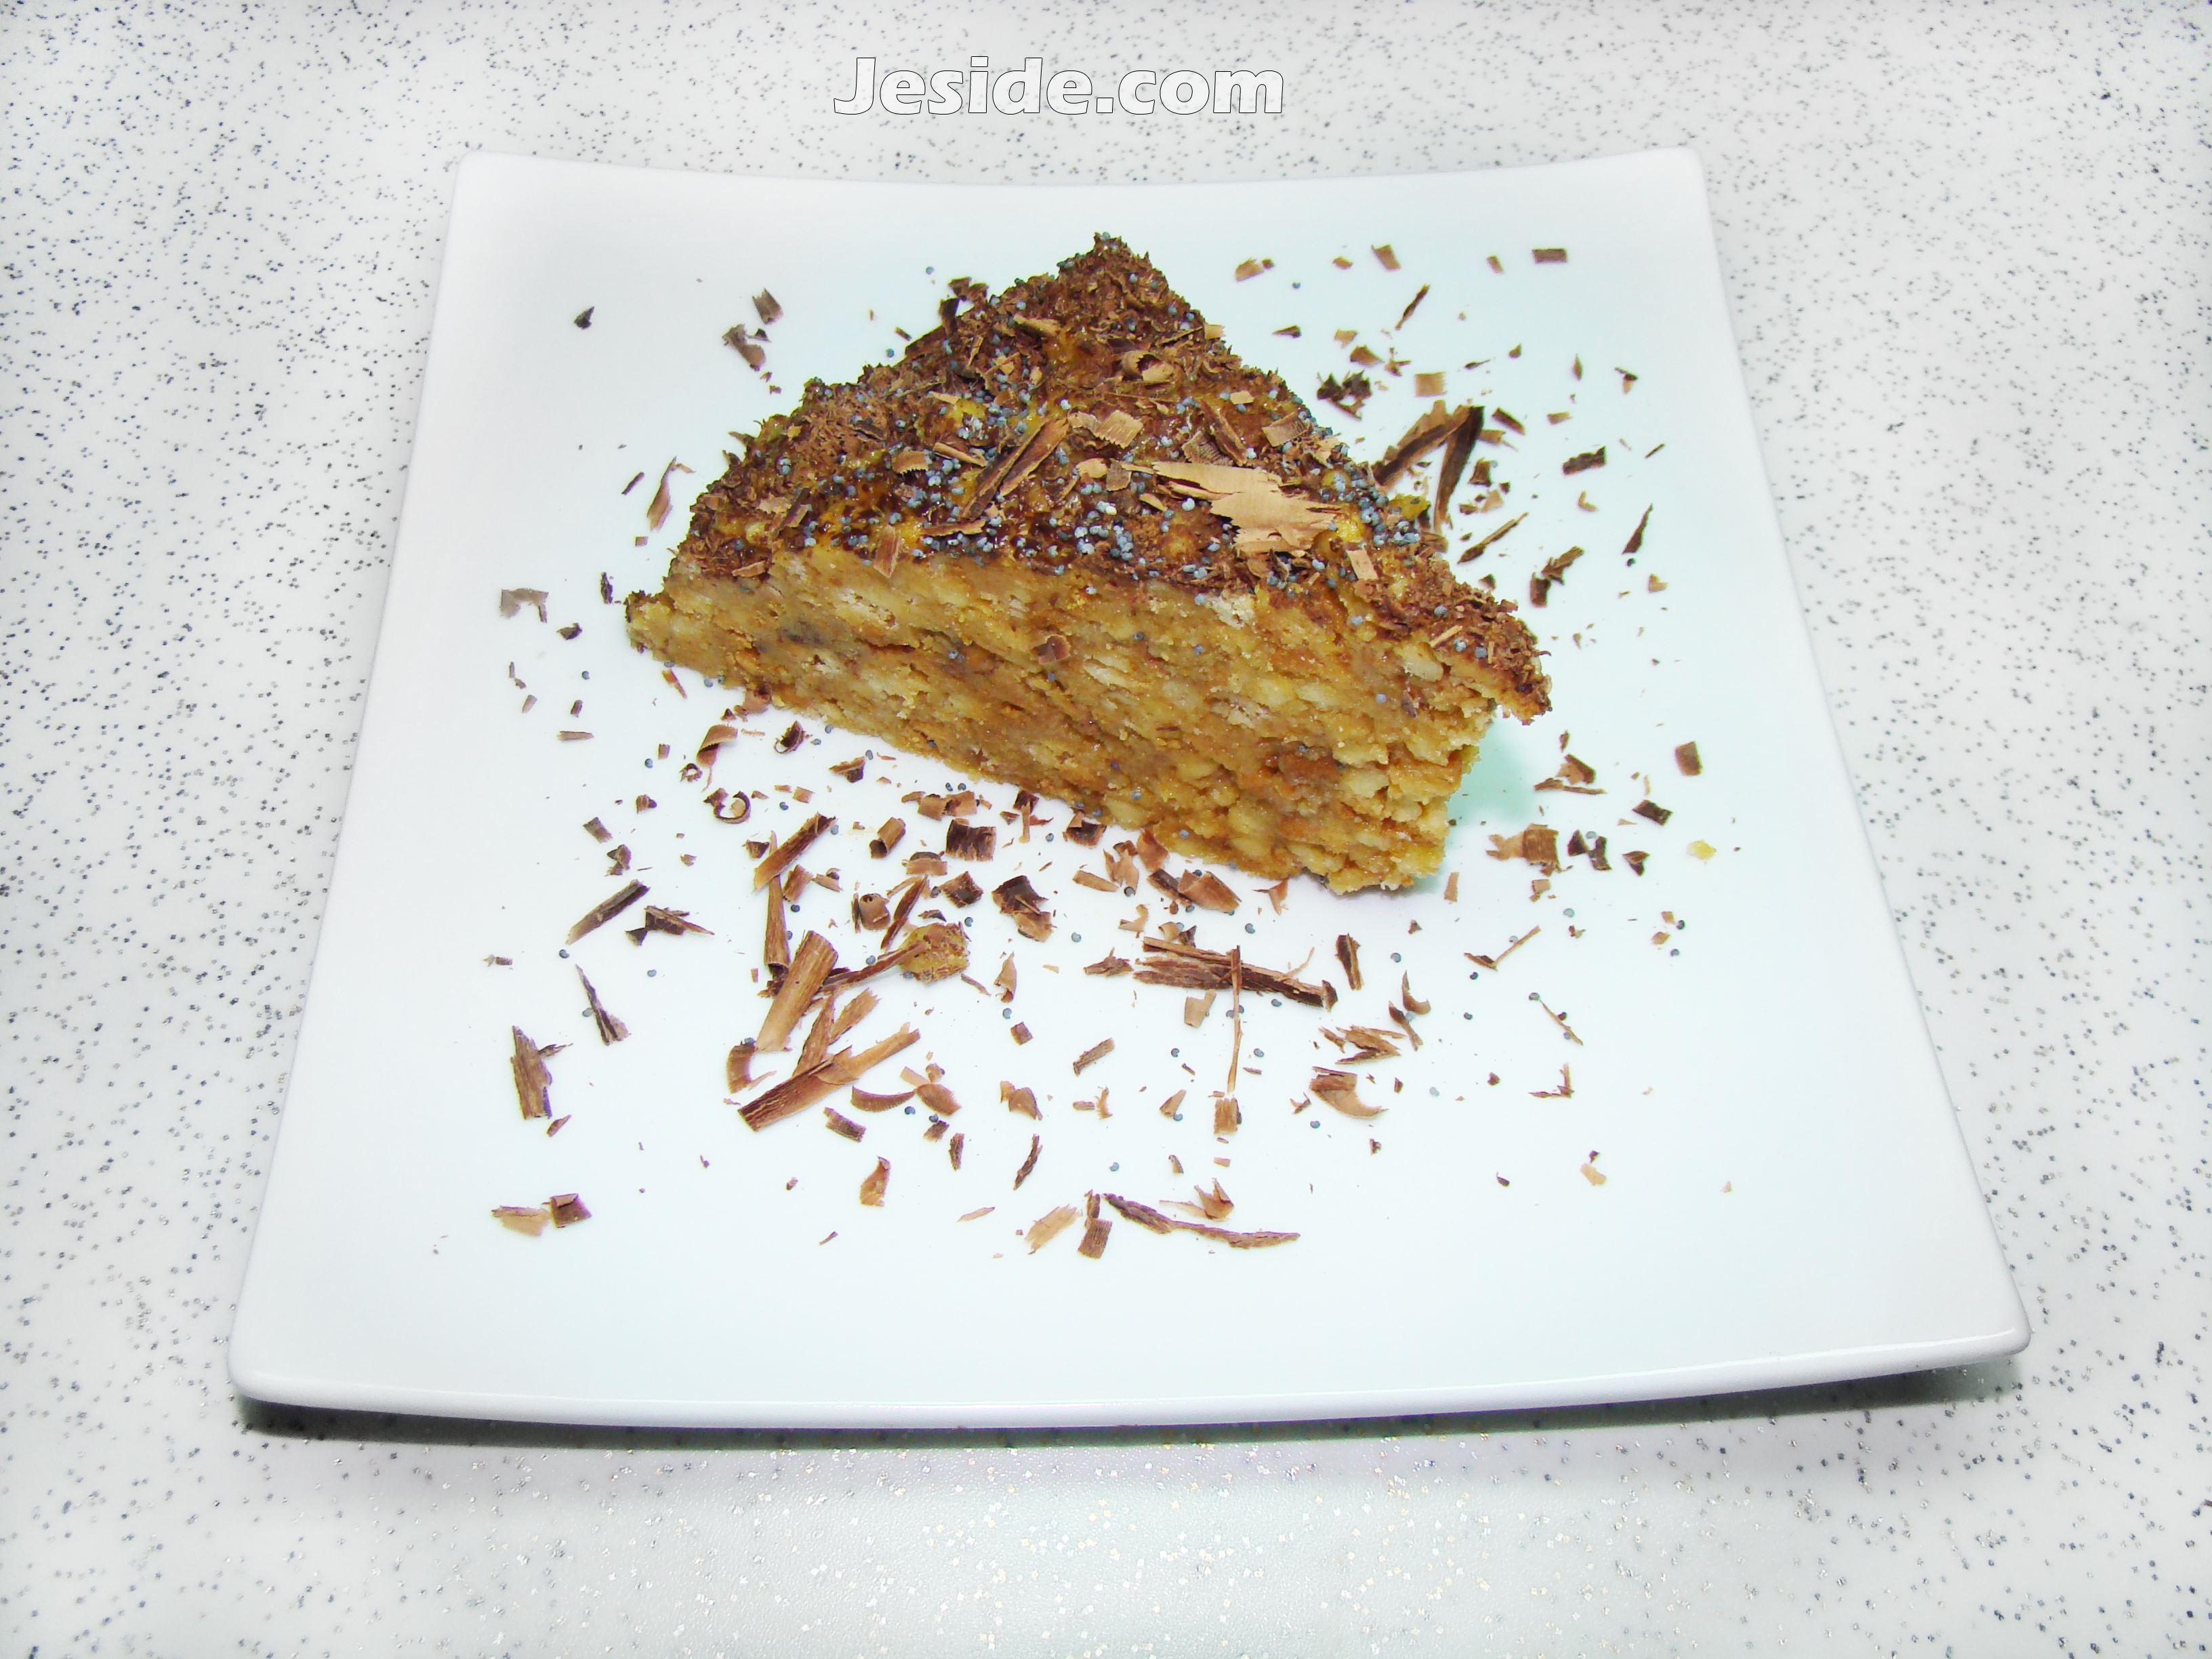 Торт муравейник с грецким орехом рецепт пошагово классический